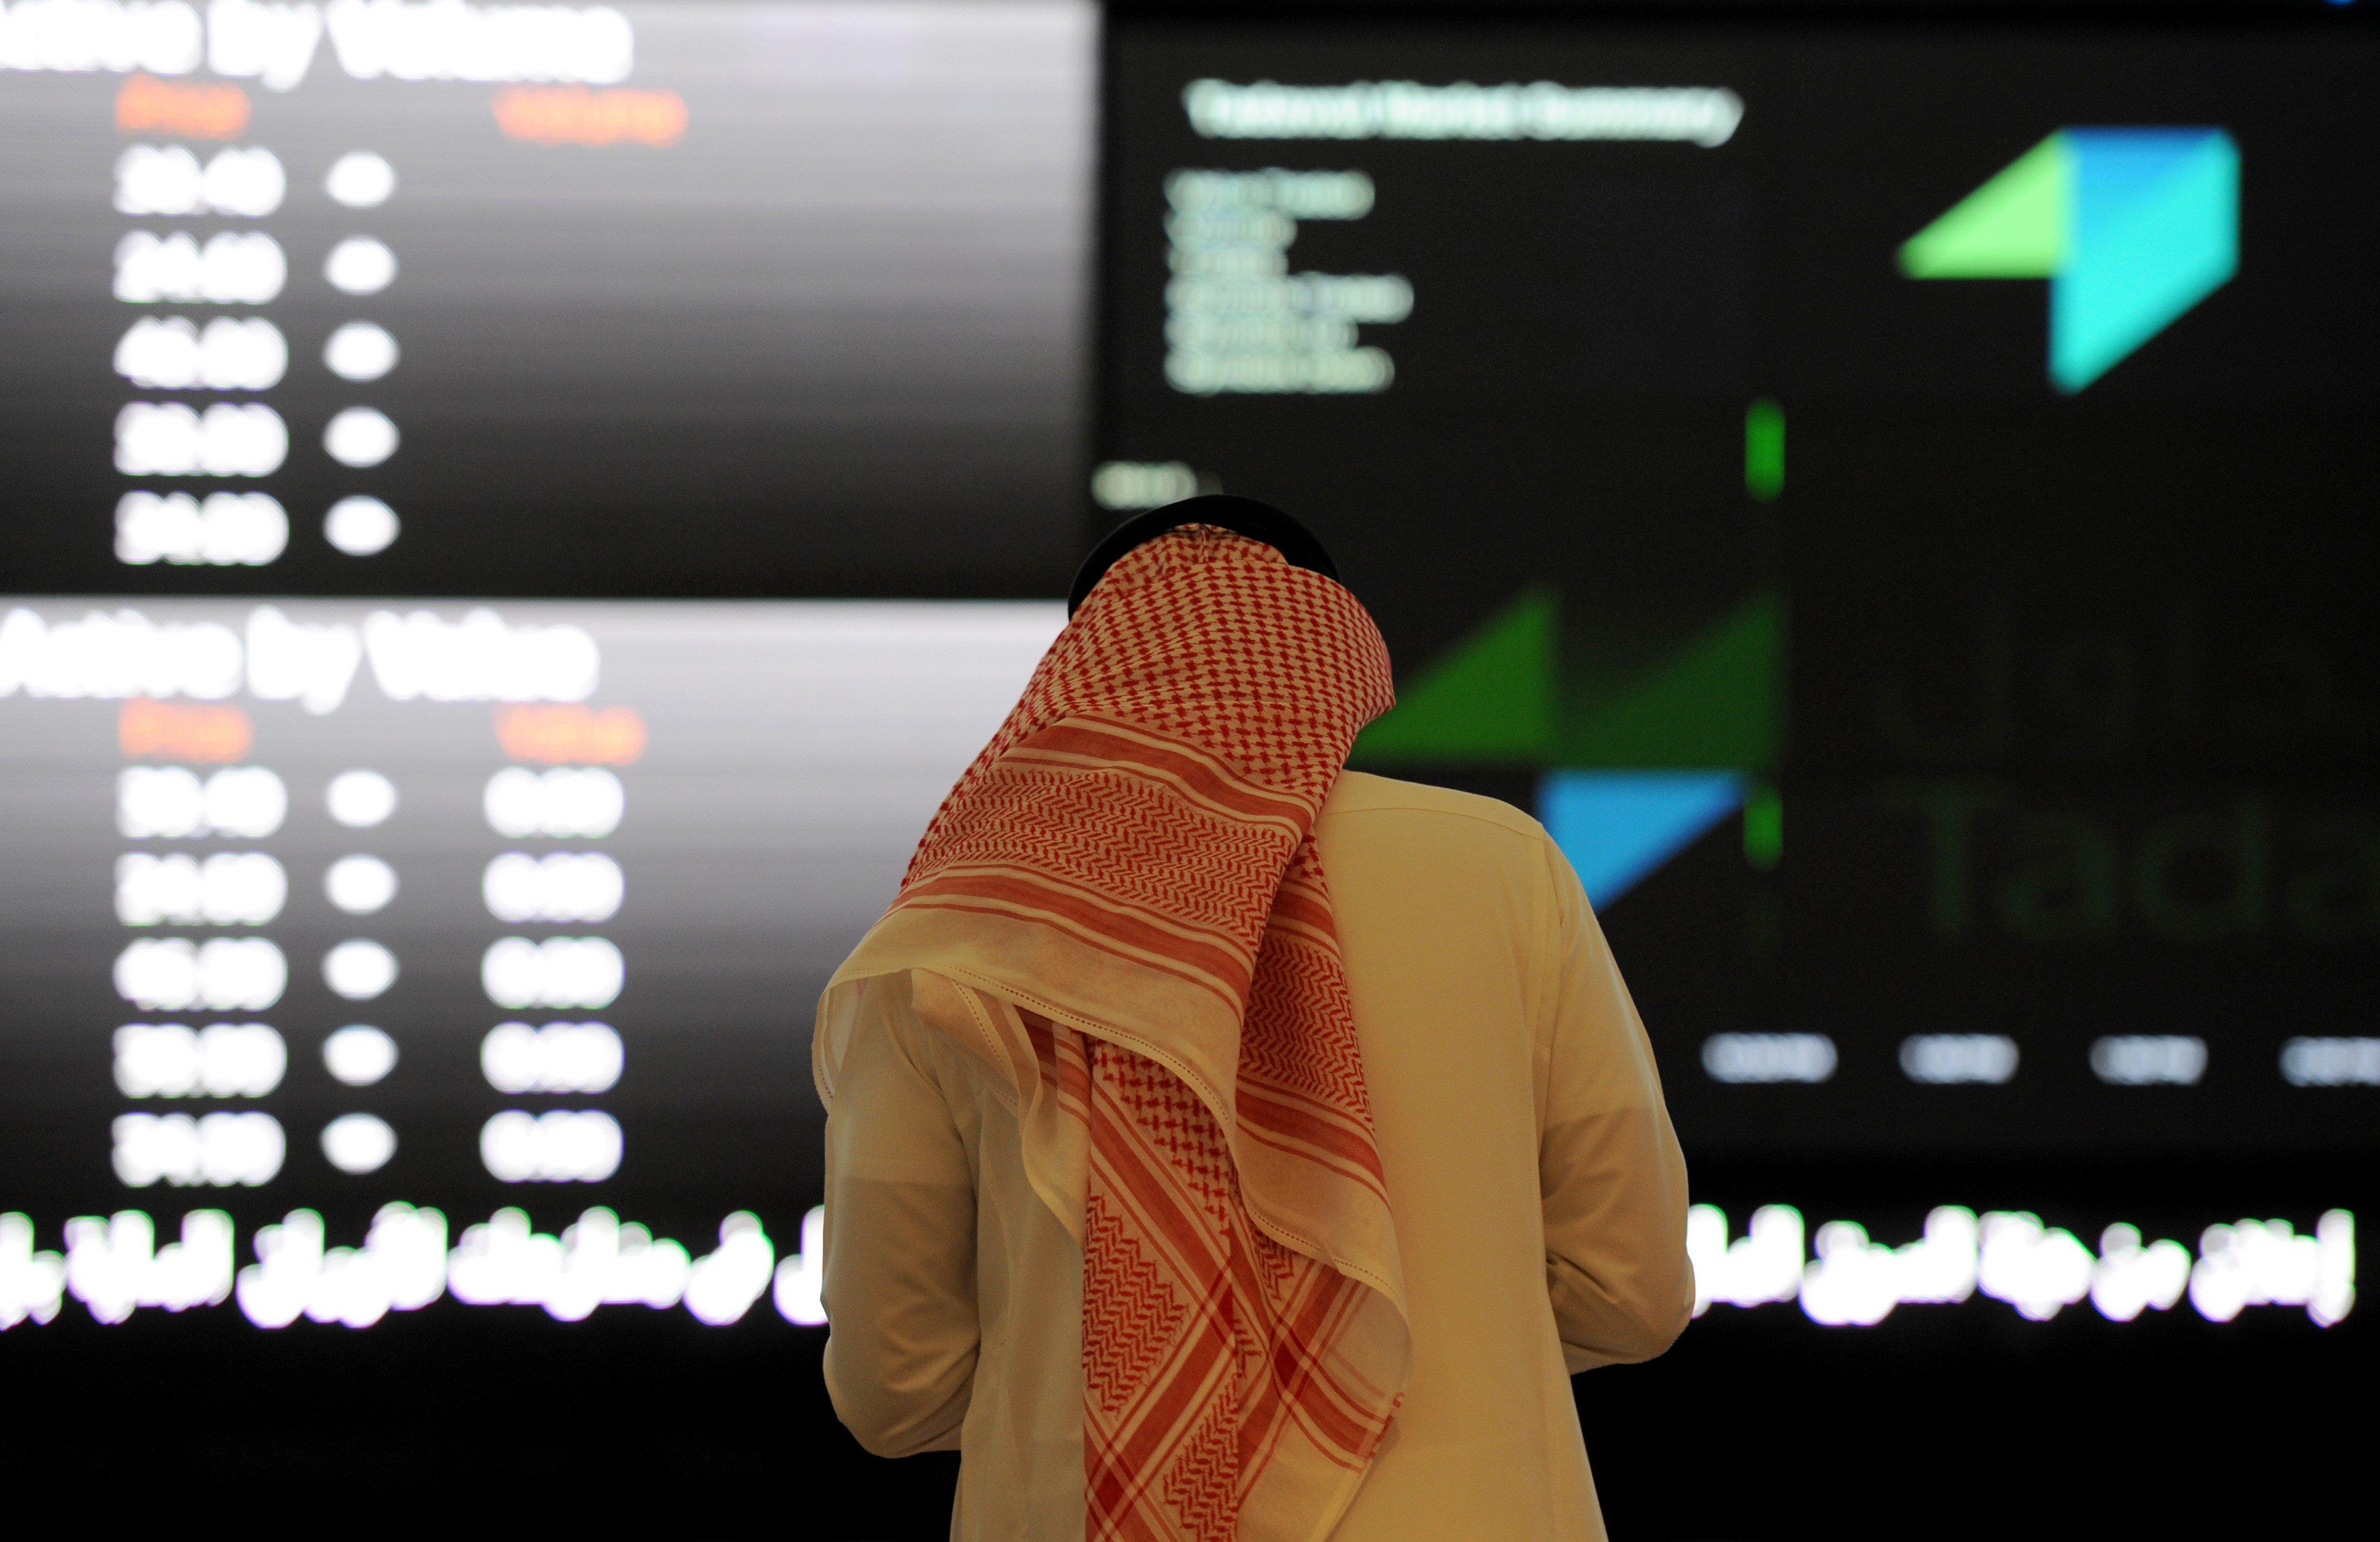 مؤشر سوق الأسهم السعودية يغلق مرتفعا عند مستوى 6822.45 نقطة   صحيفة الاقتصادية